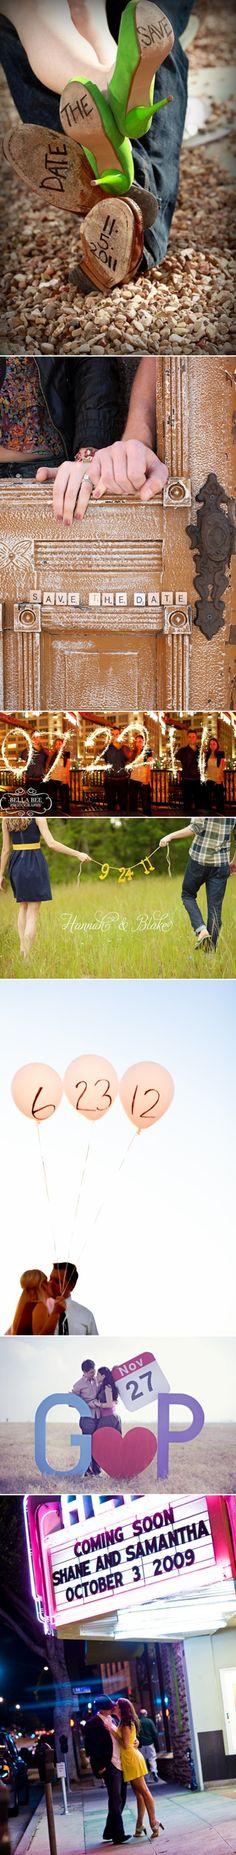 Detalhes | Save the Date com Fotografia |